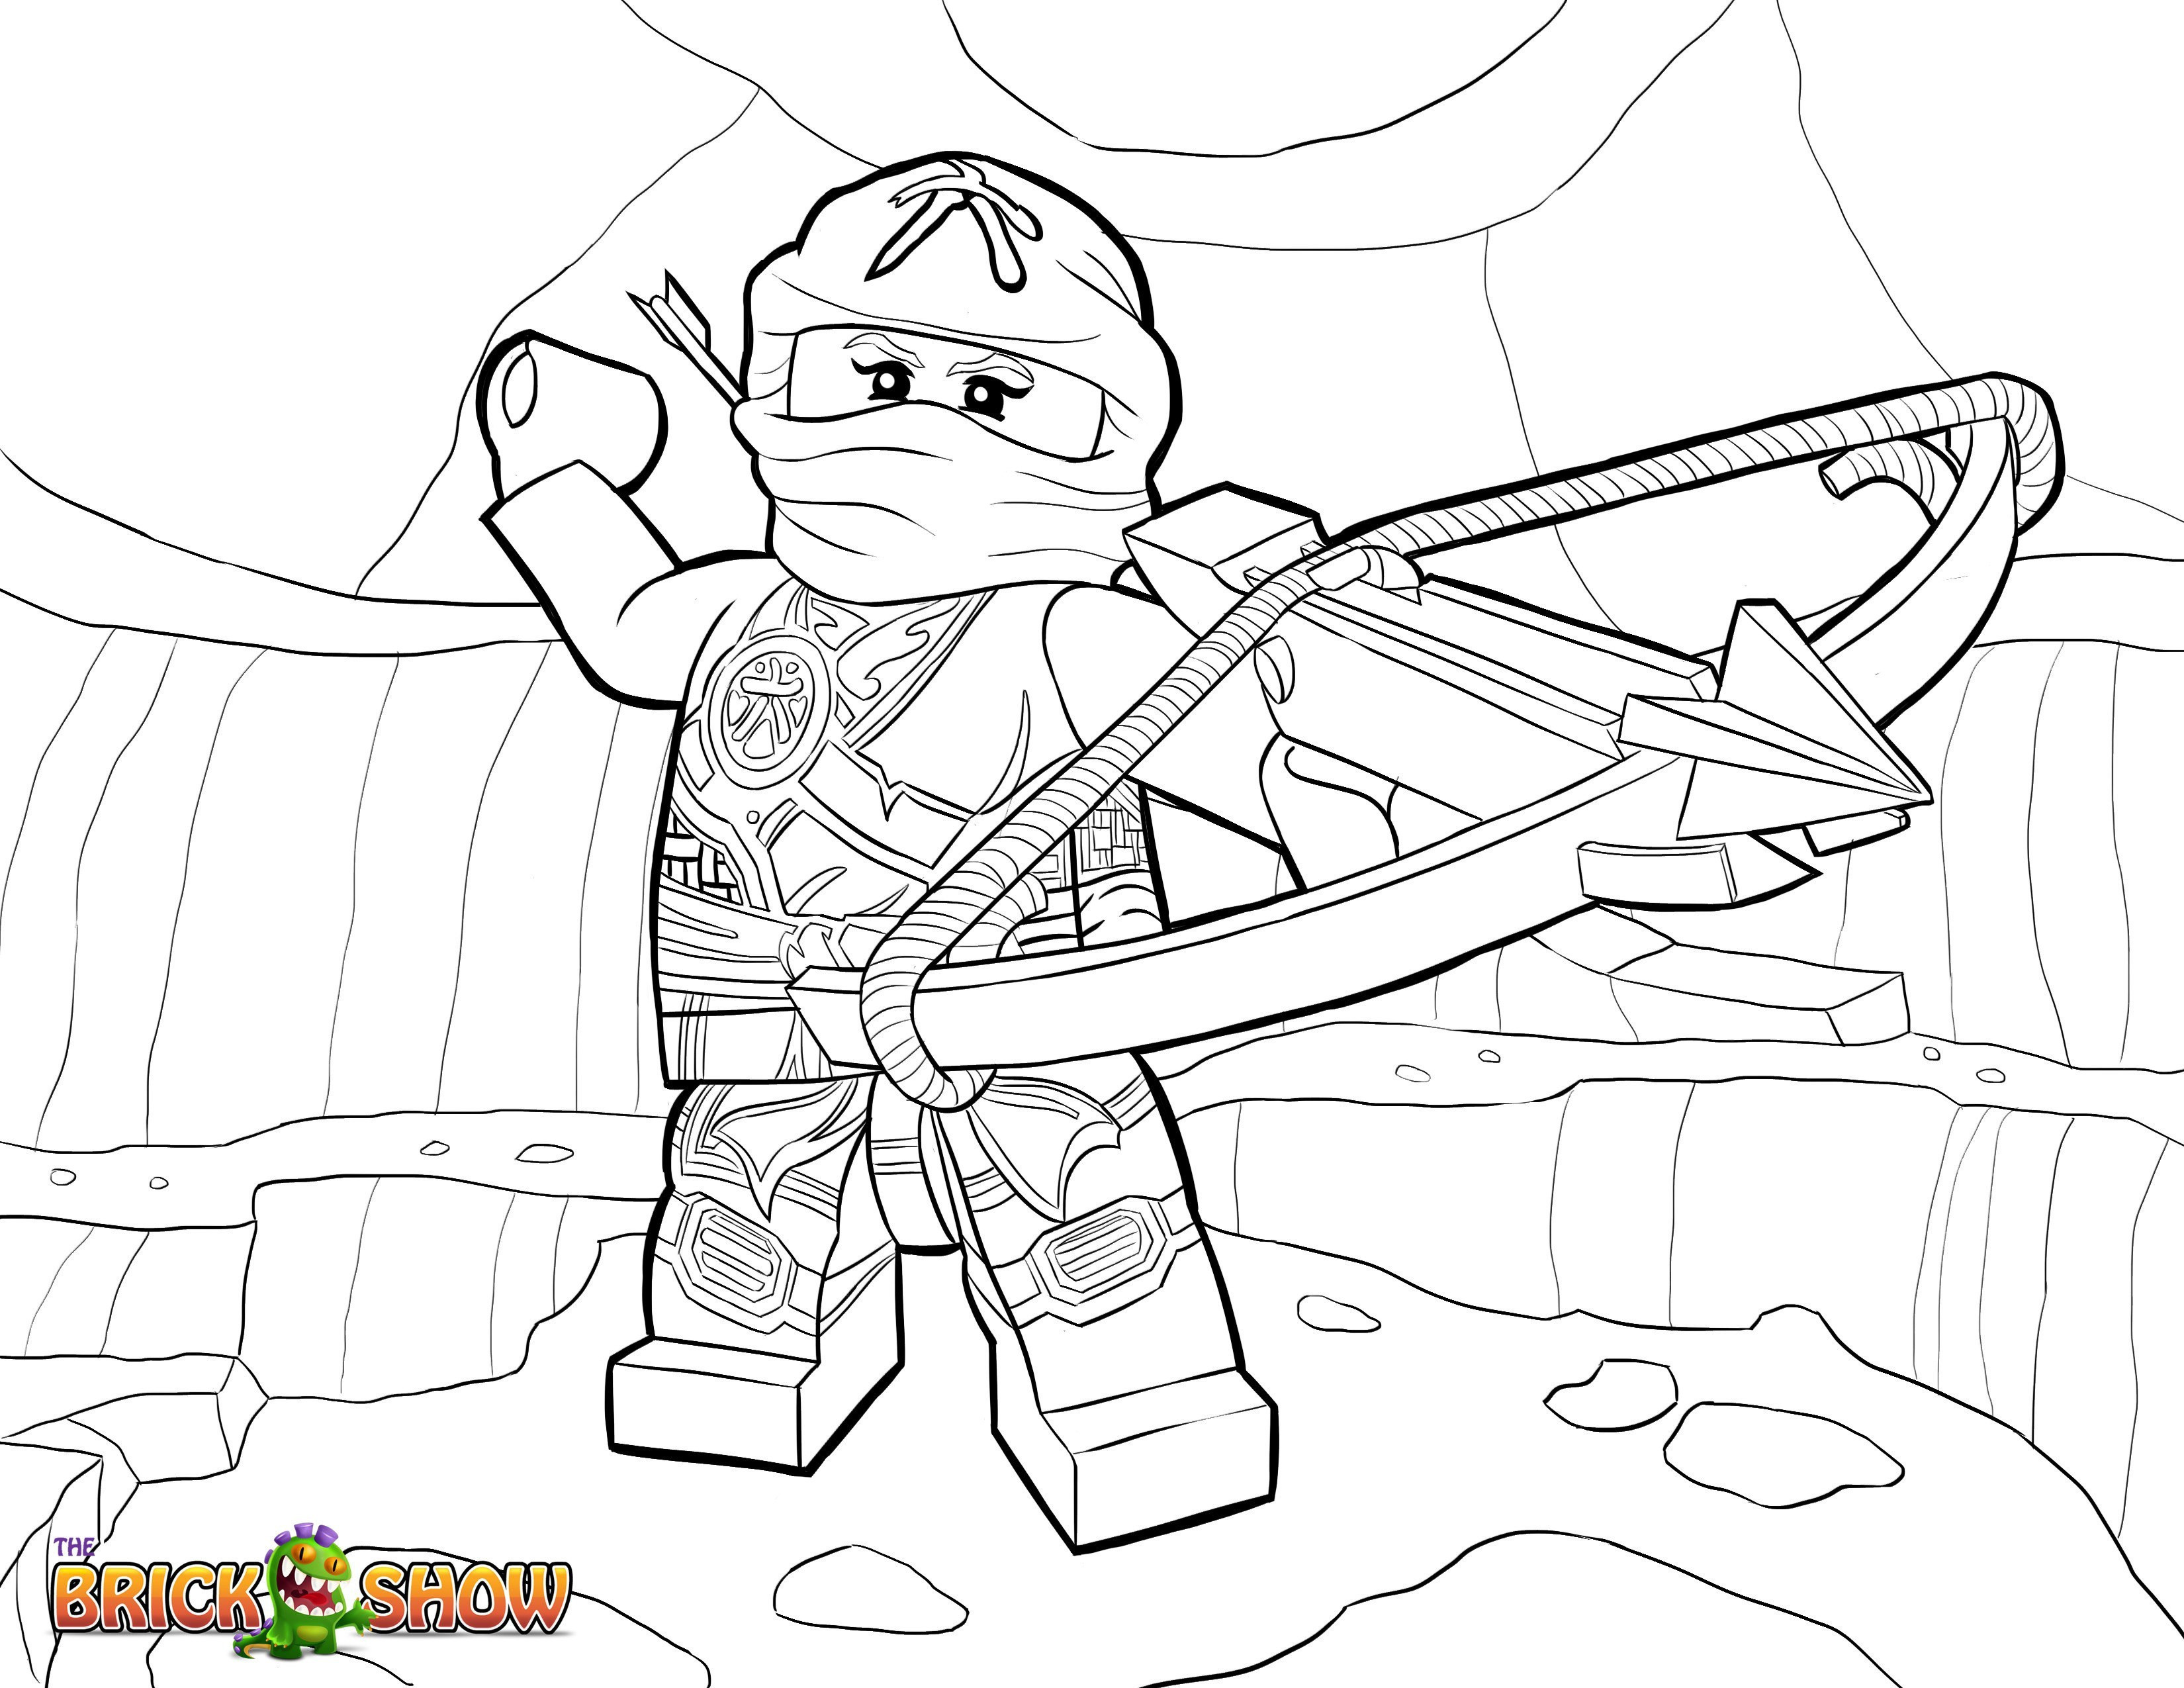 Lego Spiderman Ausmalbilder Neu 40 Lego Malvorlagen Scoredatscore Elegant Spiderman Ausmalbilder Bilder